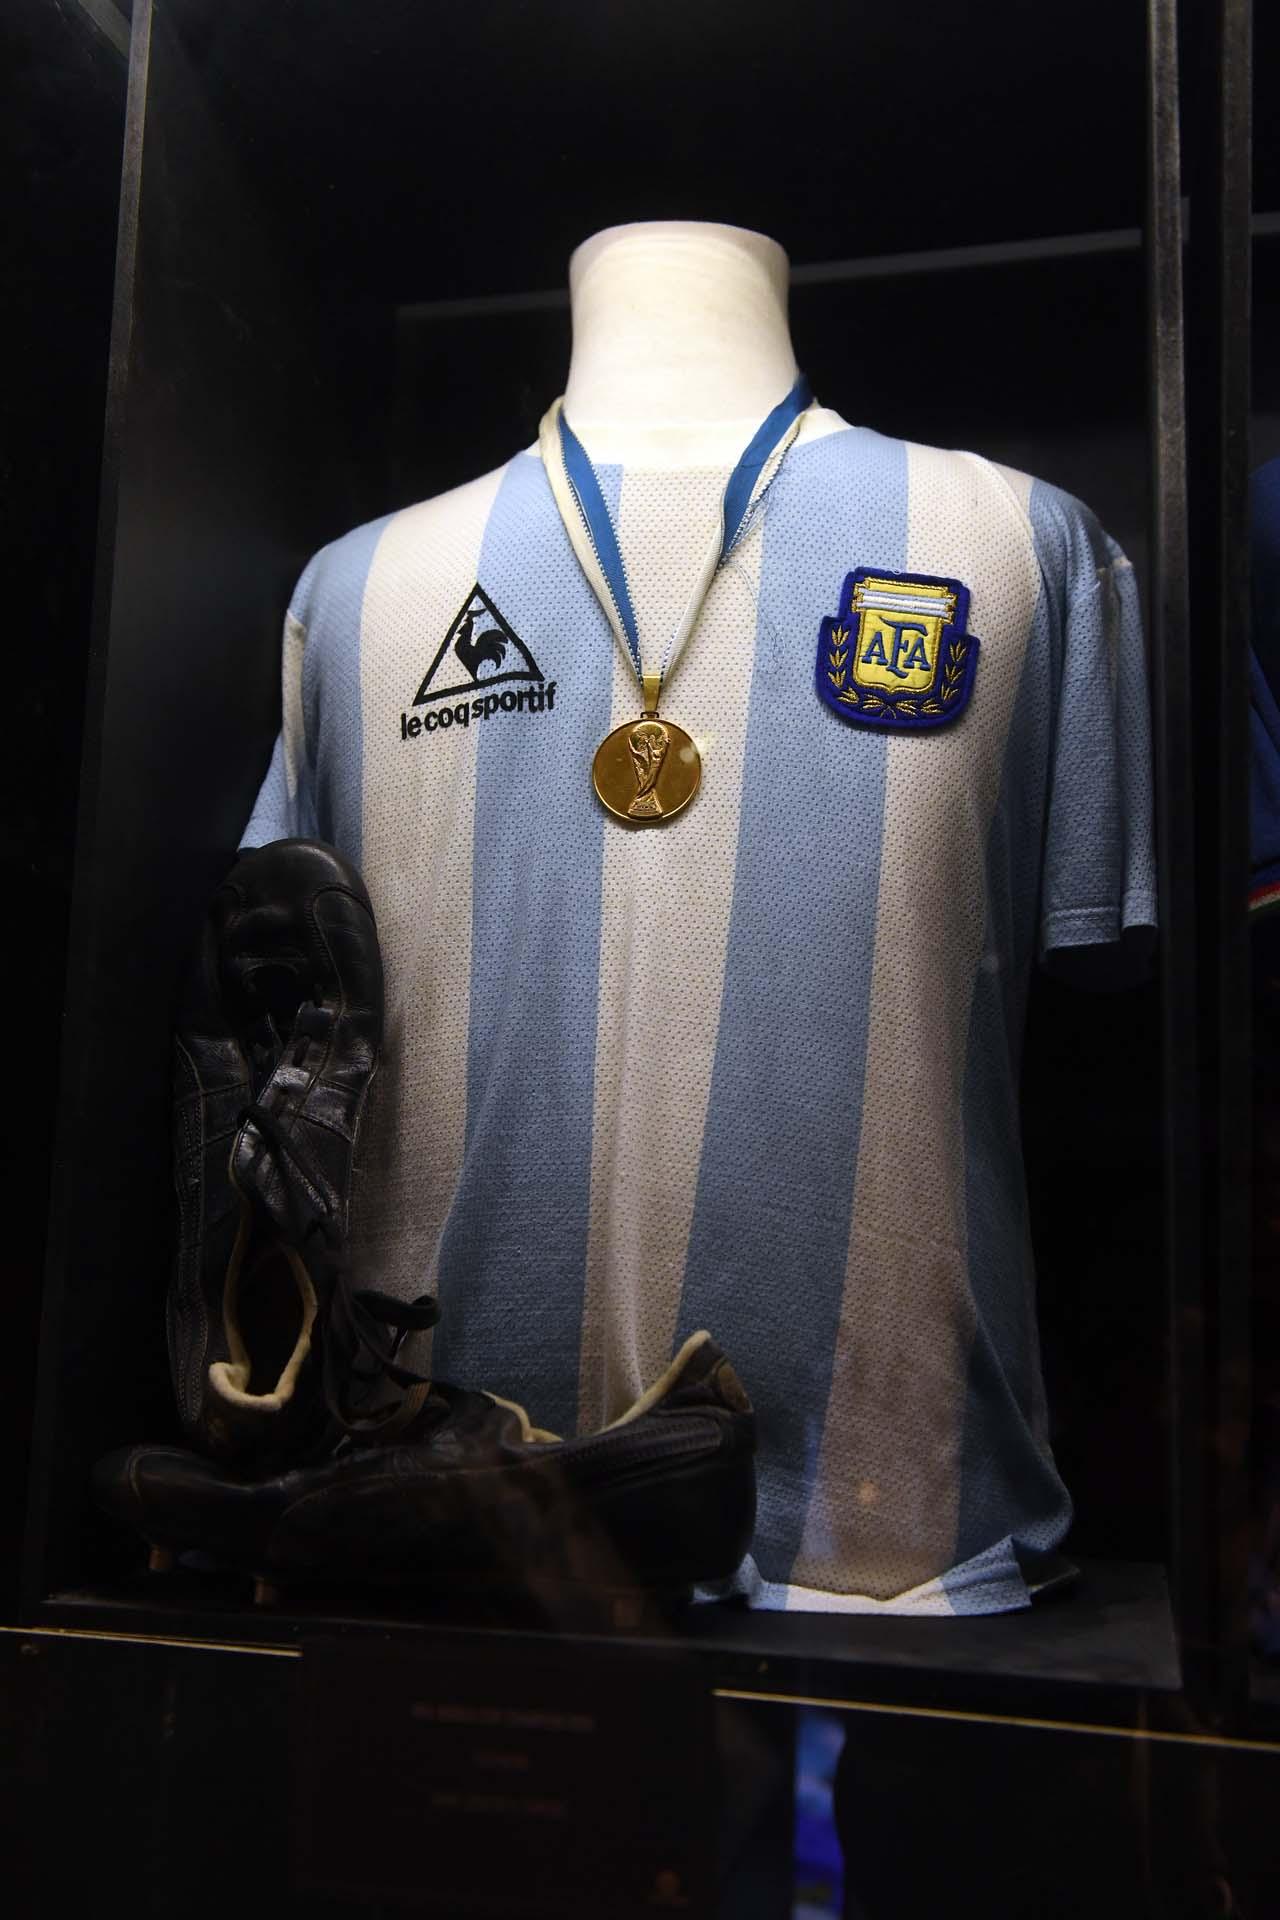 Mención honorífica para la pieza transpirada por Héctor Enrique en la final entre Argentina y Alemania Federal de 1986 (Maximiliano Luna)